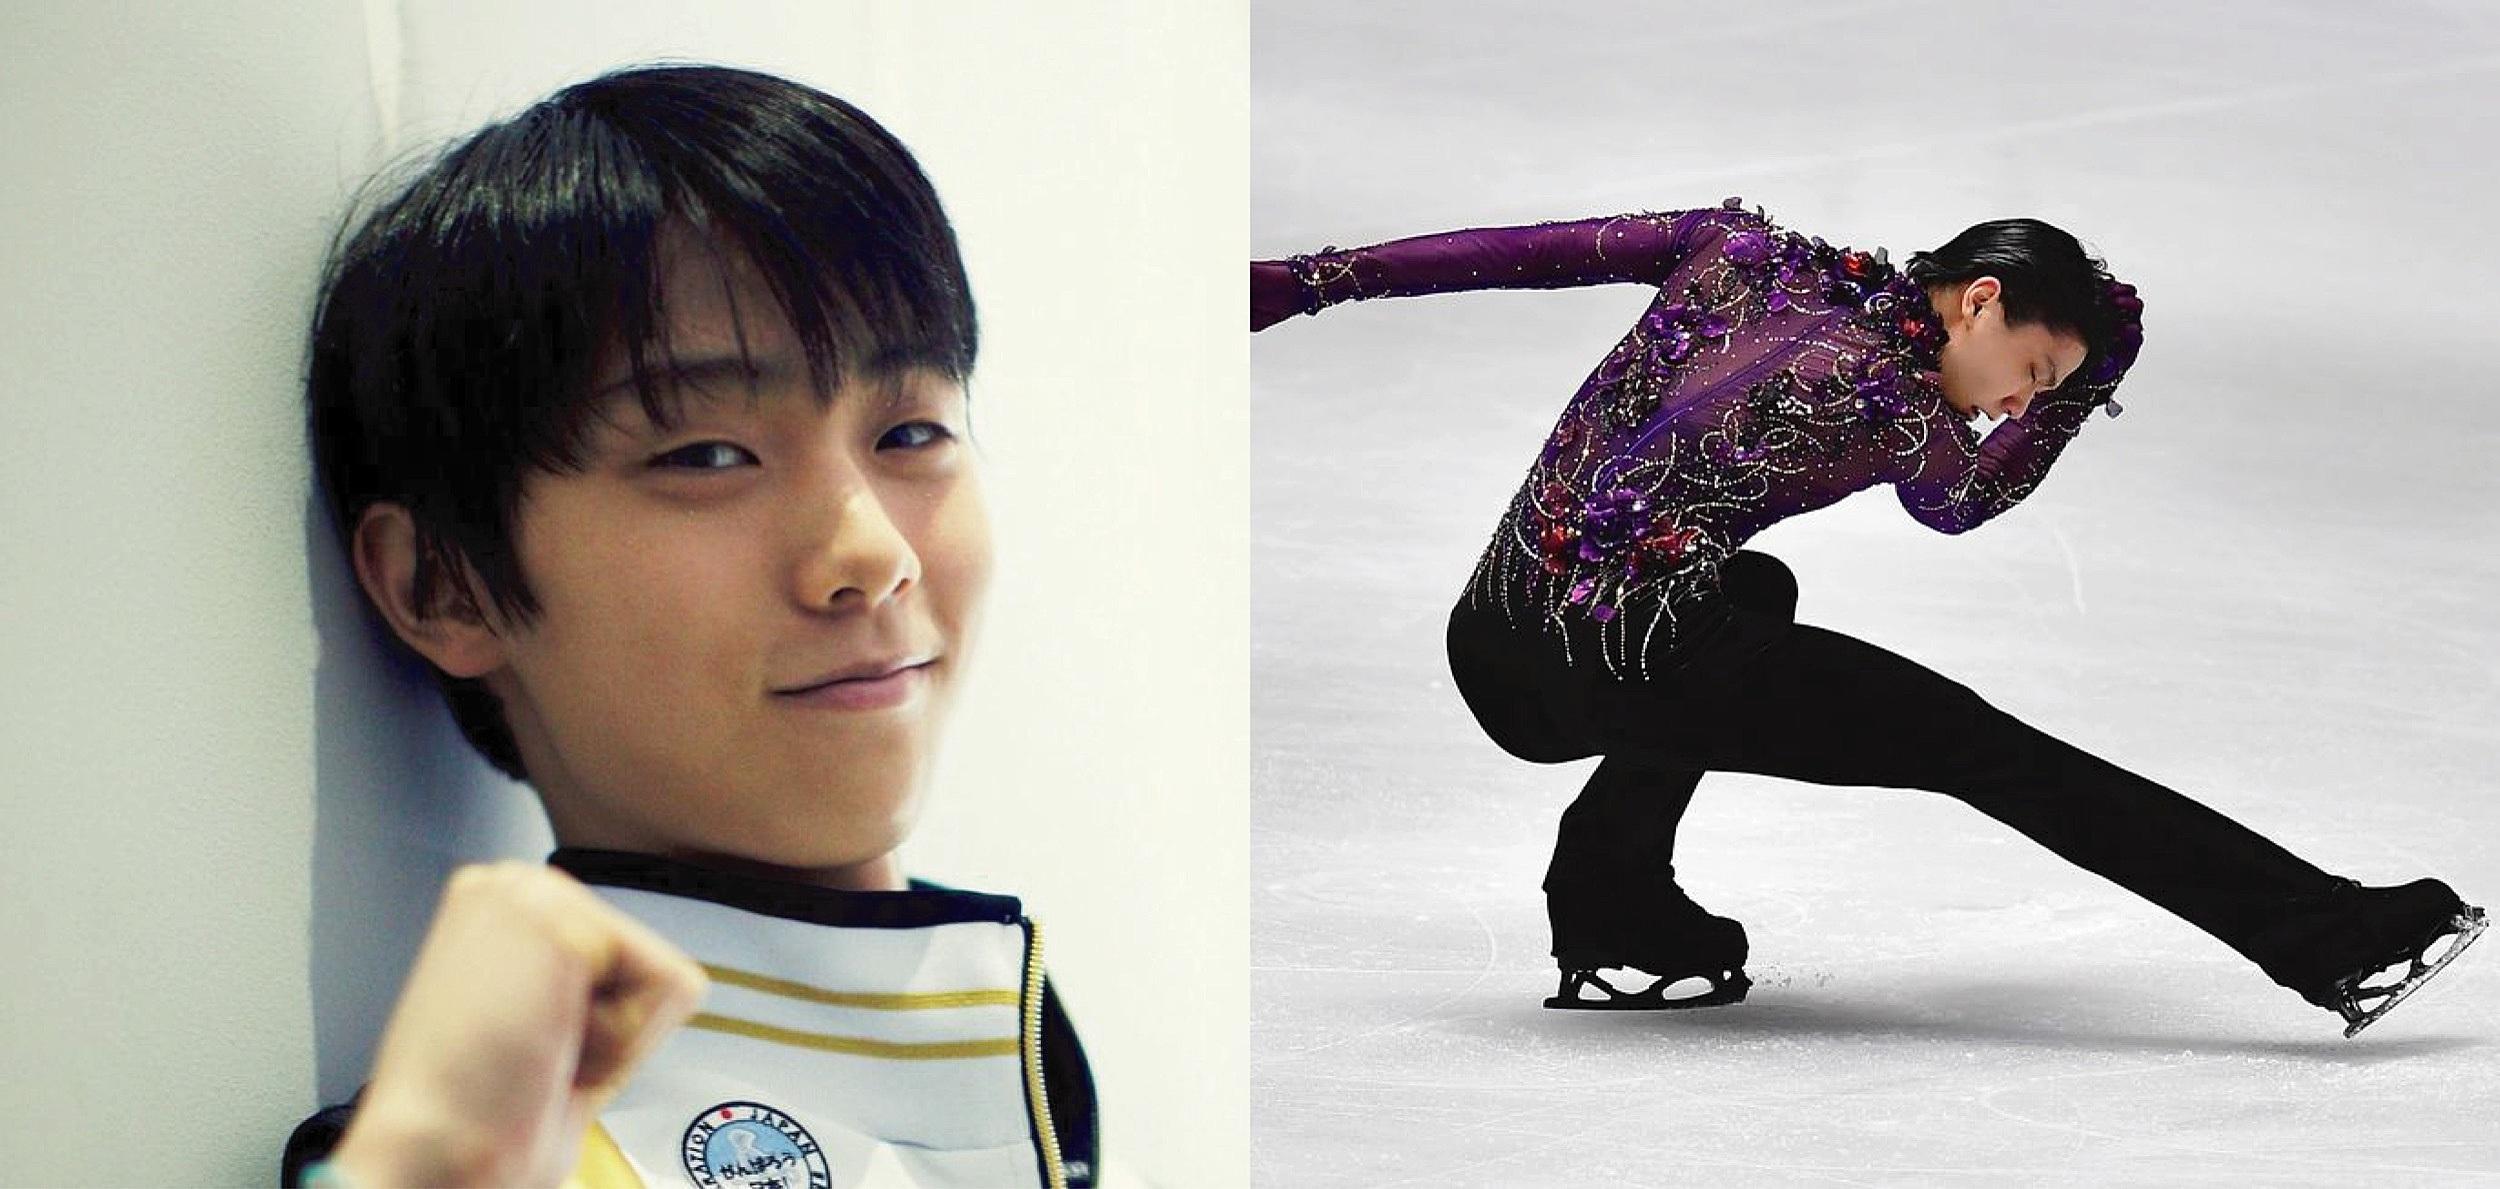 屢獲冬奧獎牌也是日劇演員!冰上王子-羽生結弦